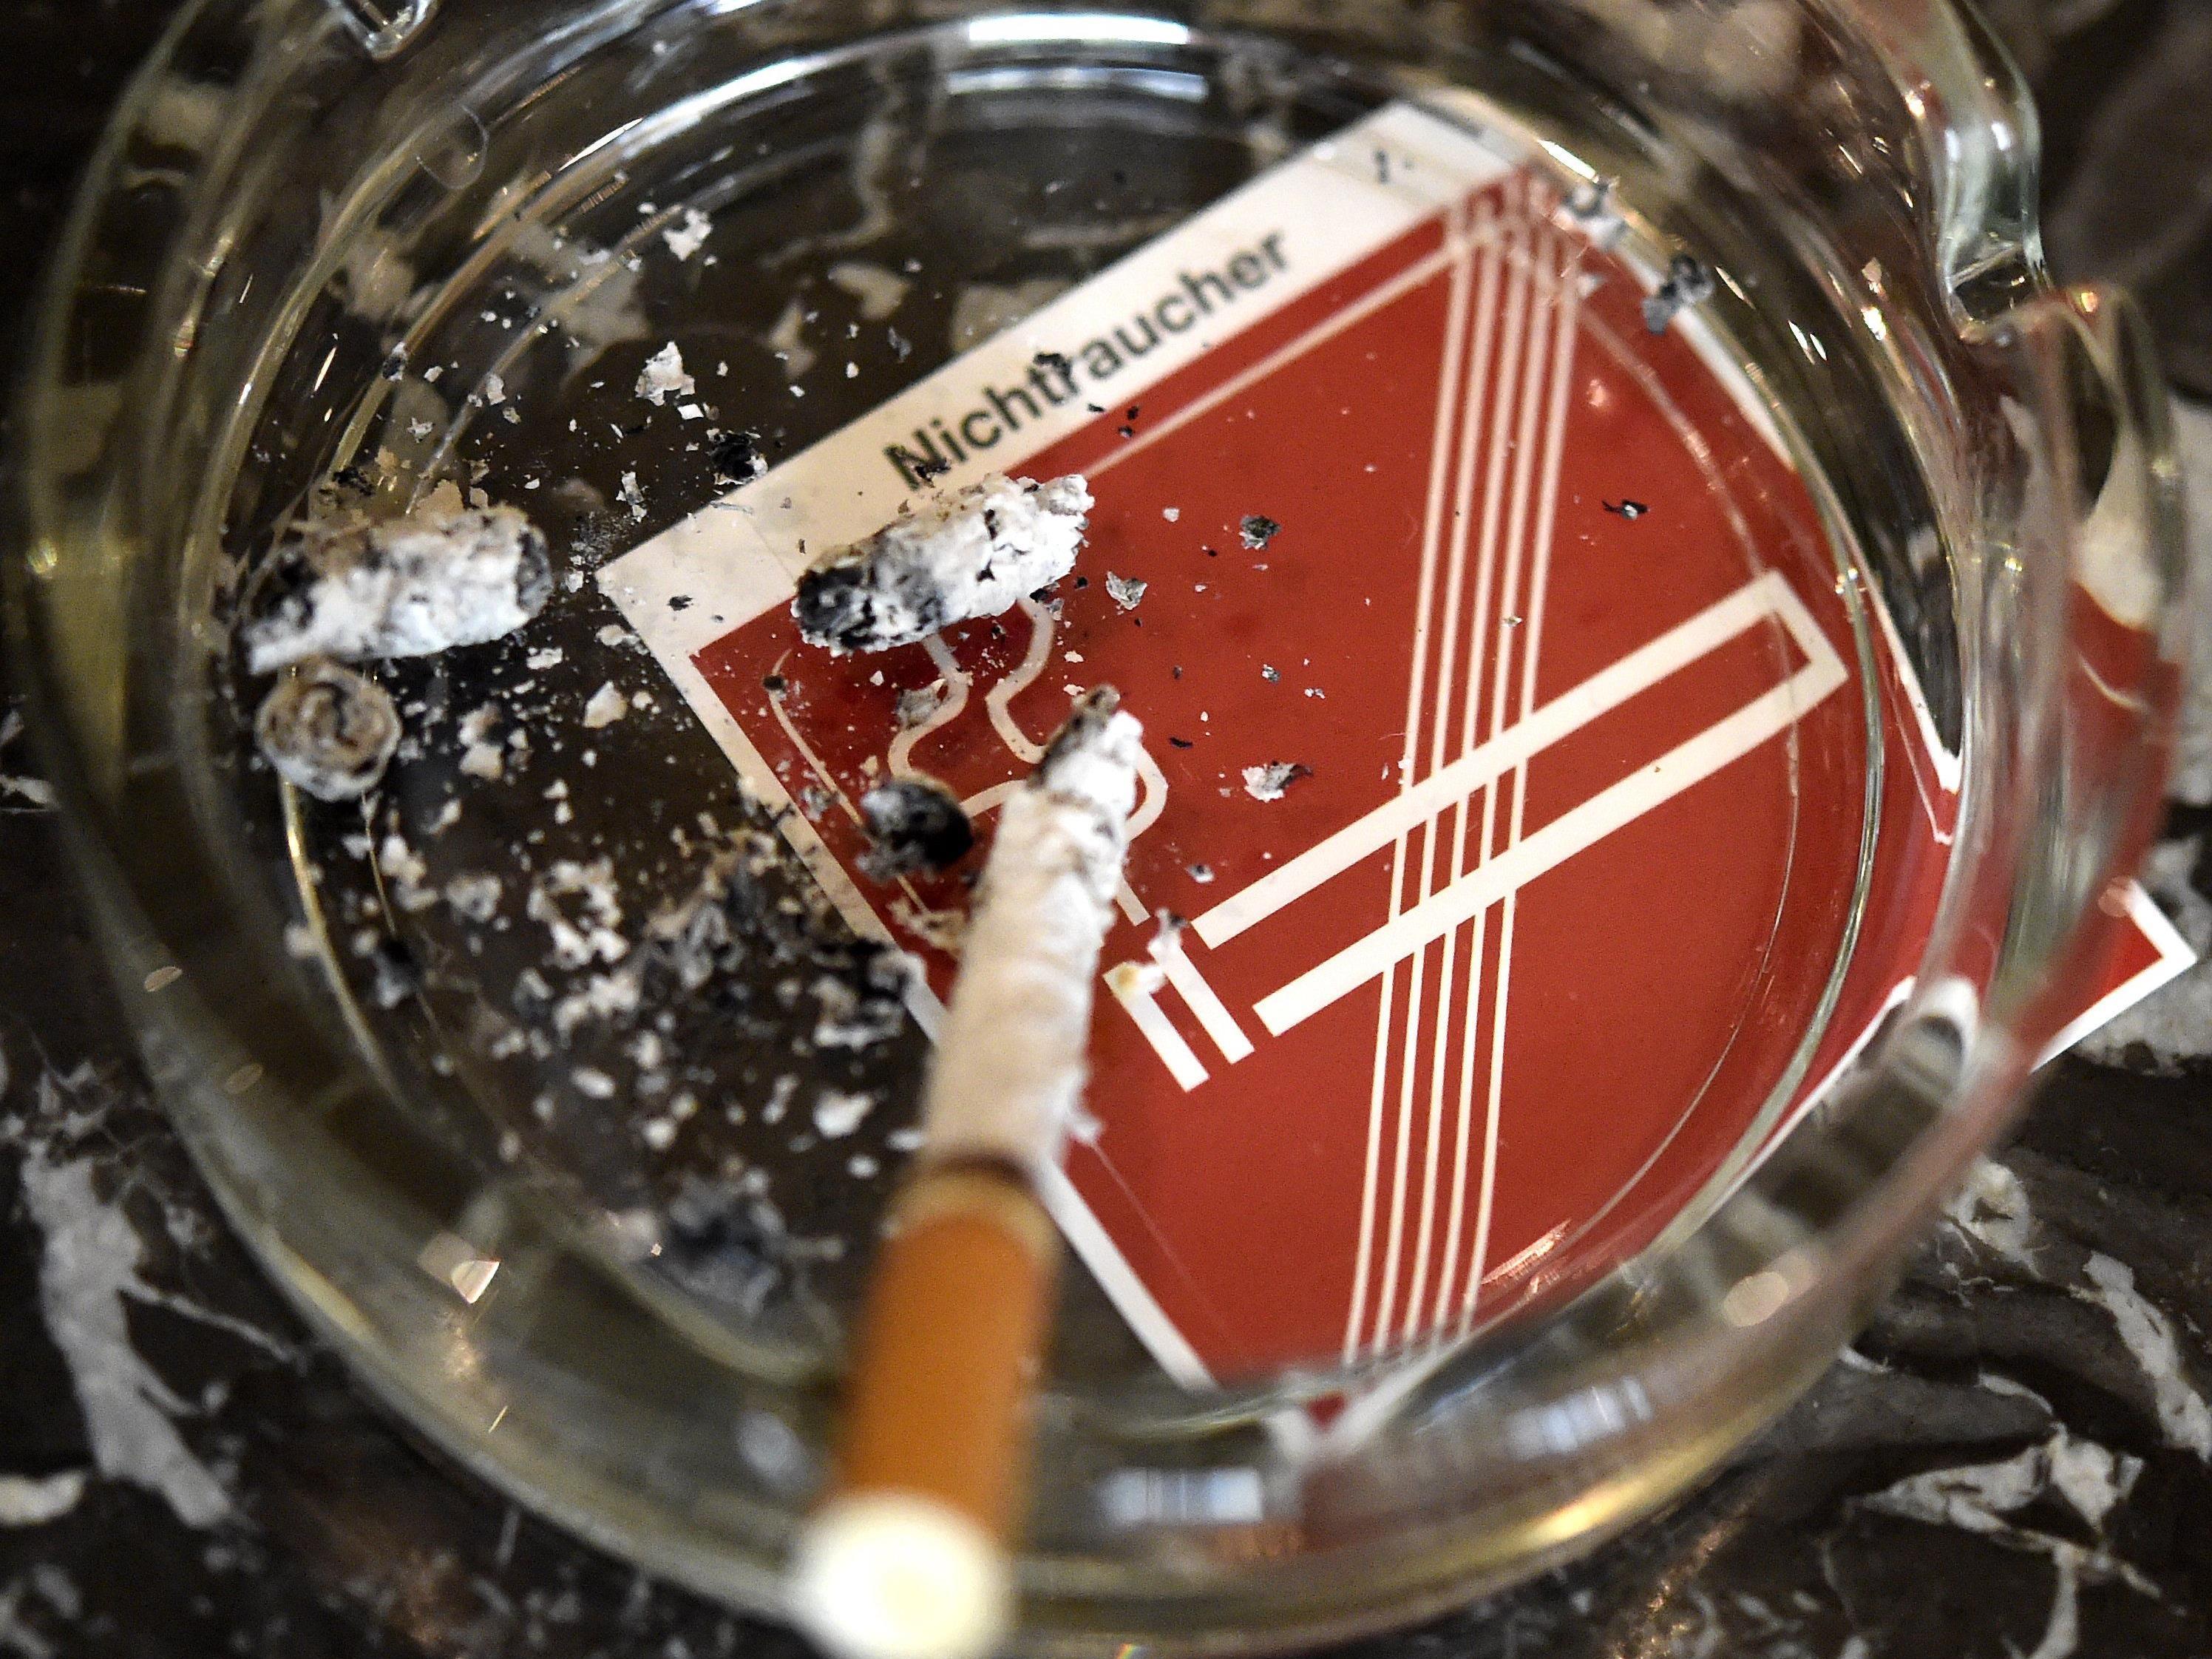 Rauchfreie Lokale sind nur noch eine Frage der Zeit.